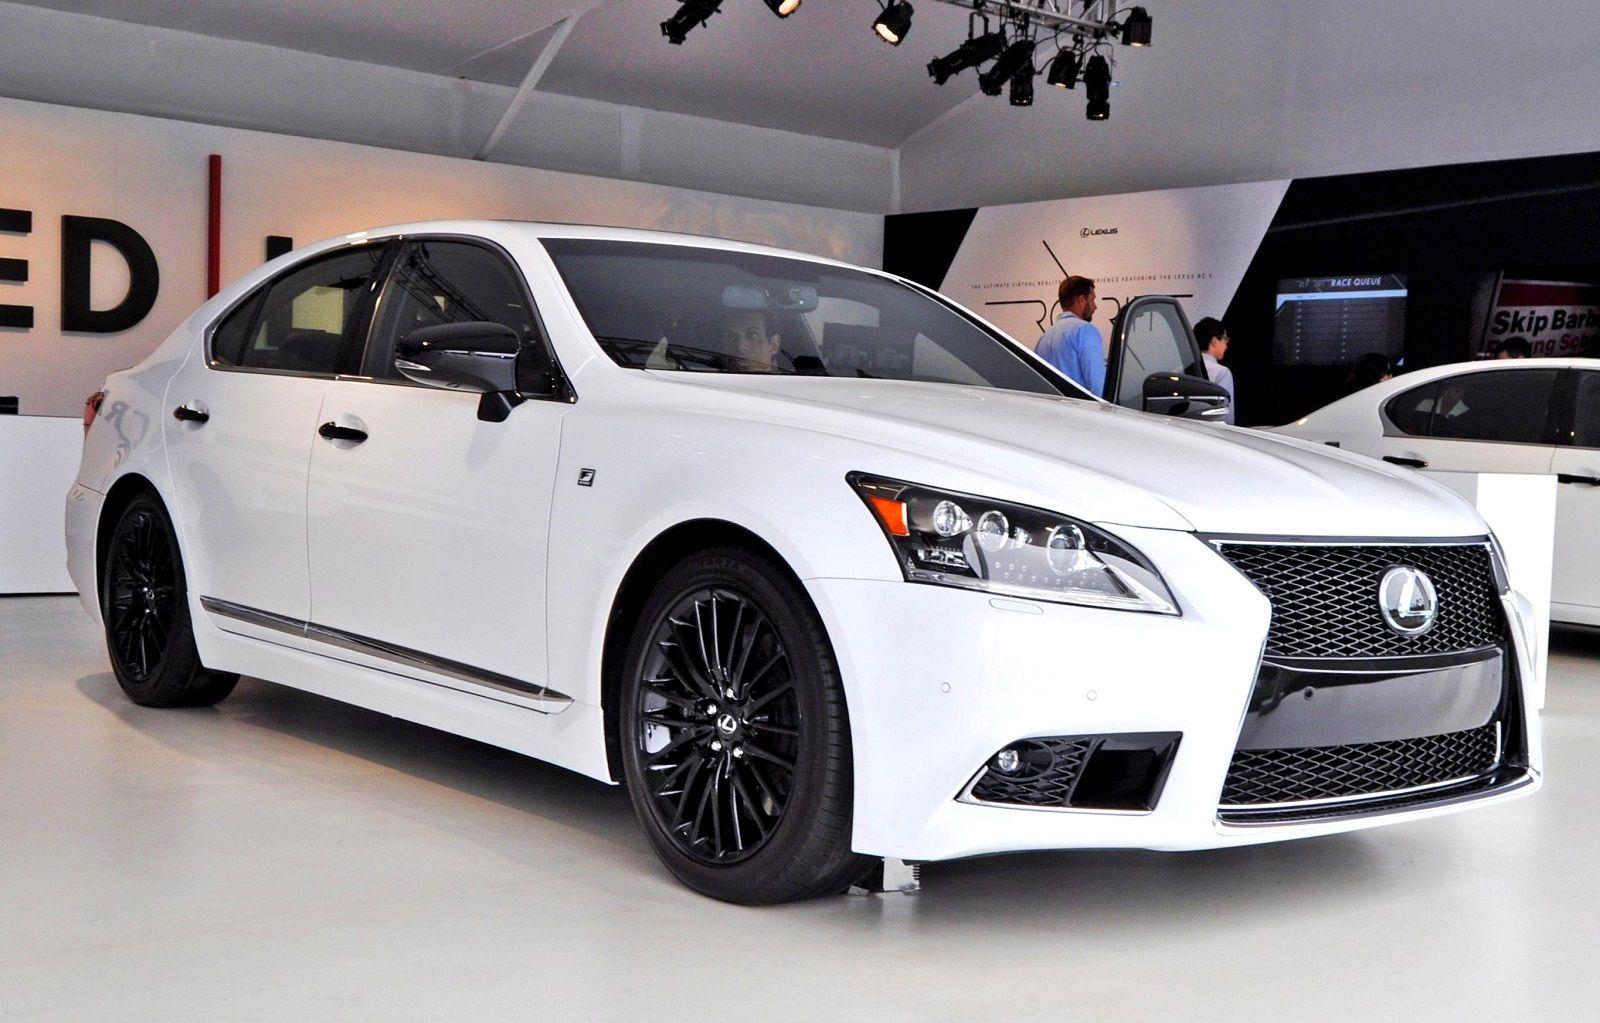 Lexus GS 350 2017 tạo cảm xºc hấp dẠn cho đại gia Viá ‡t